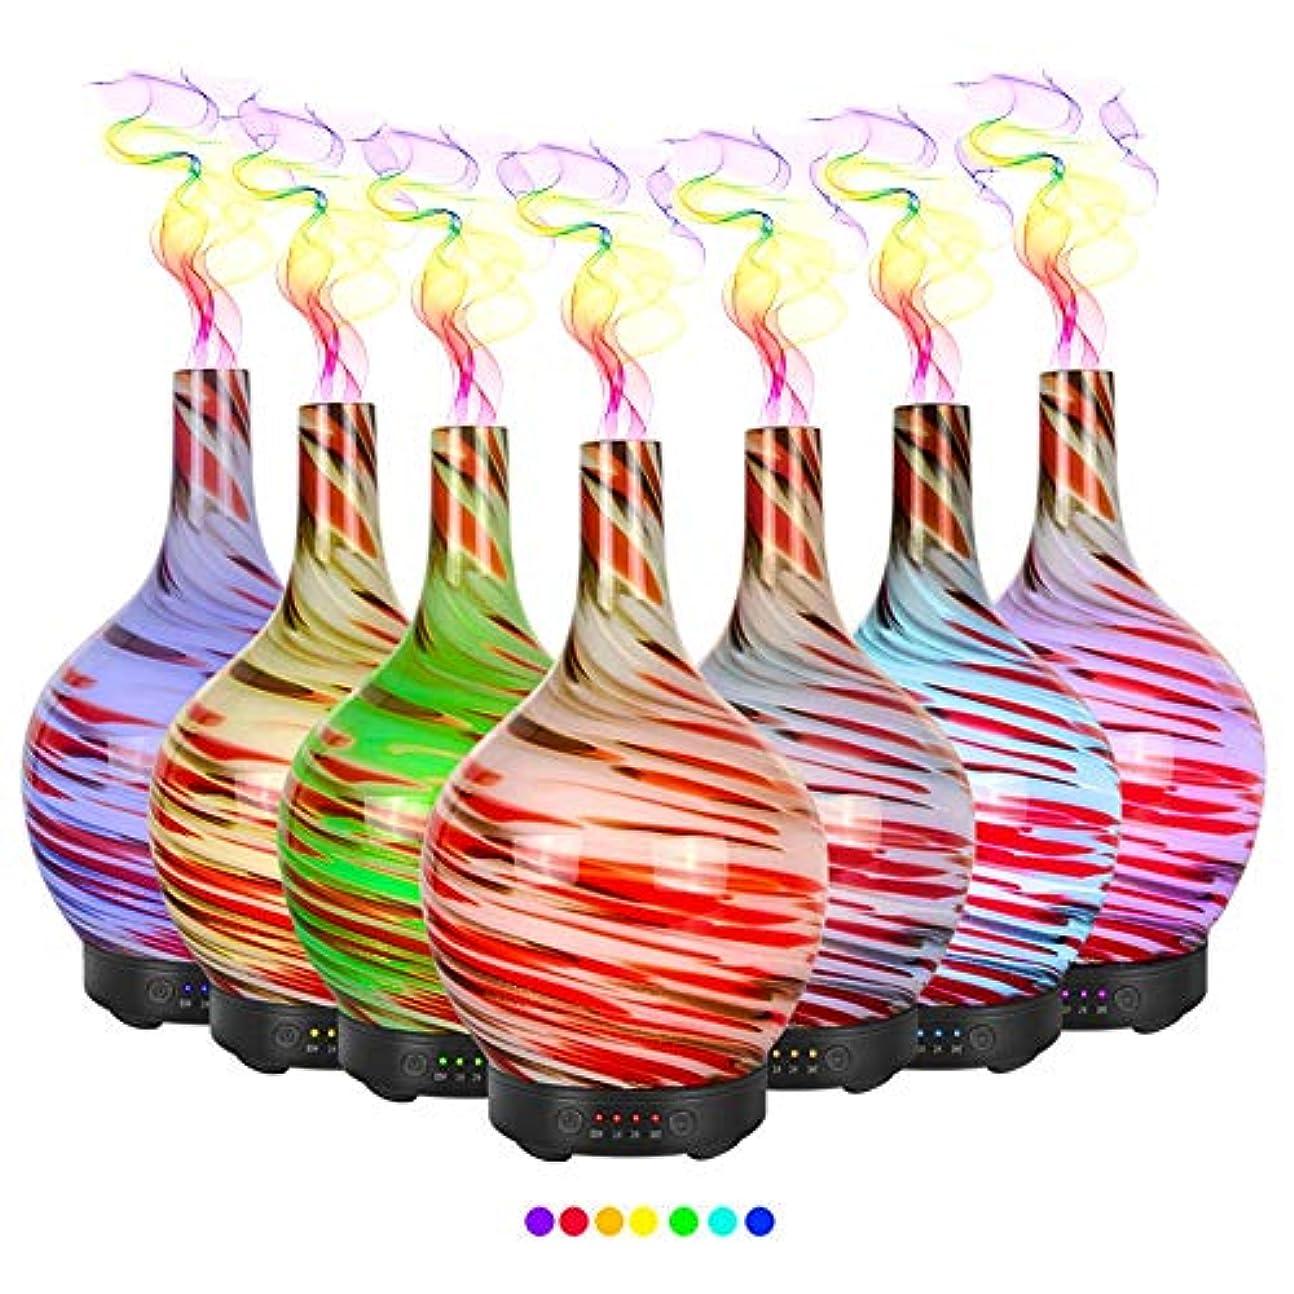 ジャンクション引退した自動化エッセンシャルオイル用ディフューザー (100ml)-3d アートガラス油絵アロマ加湿器7色の変更 LED ライト & 4 タイマー設定、水なしオートシャットオフ